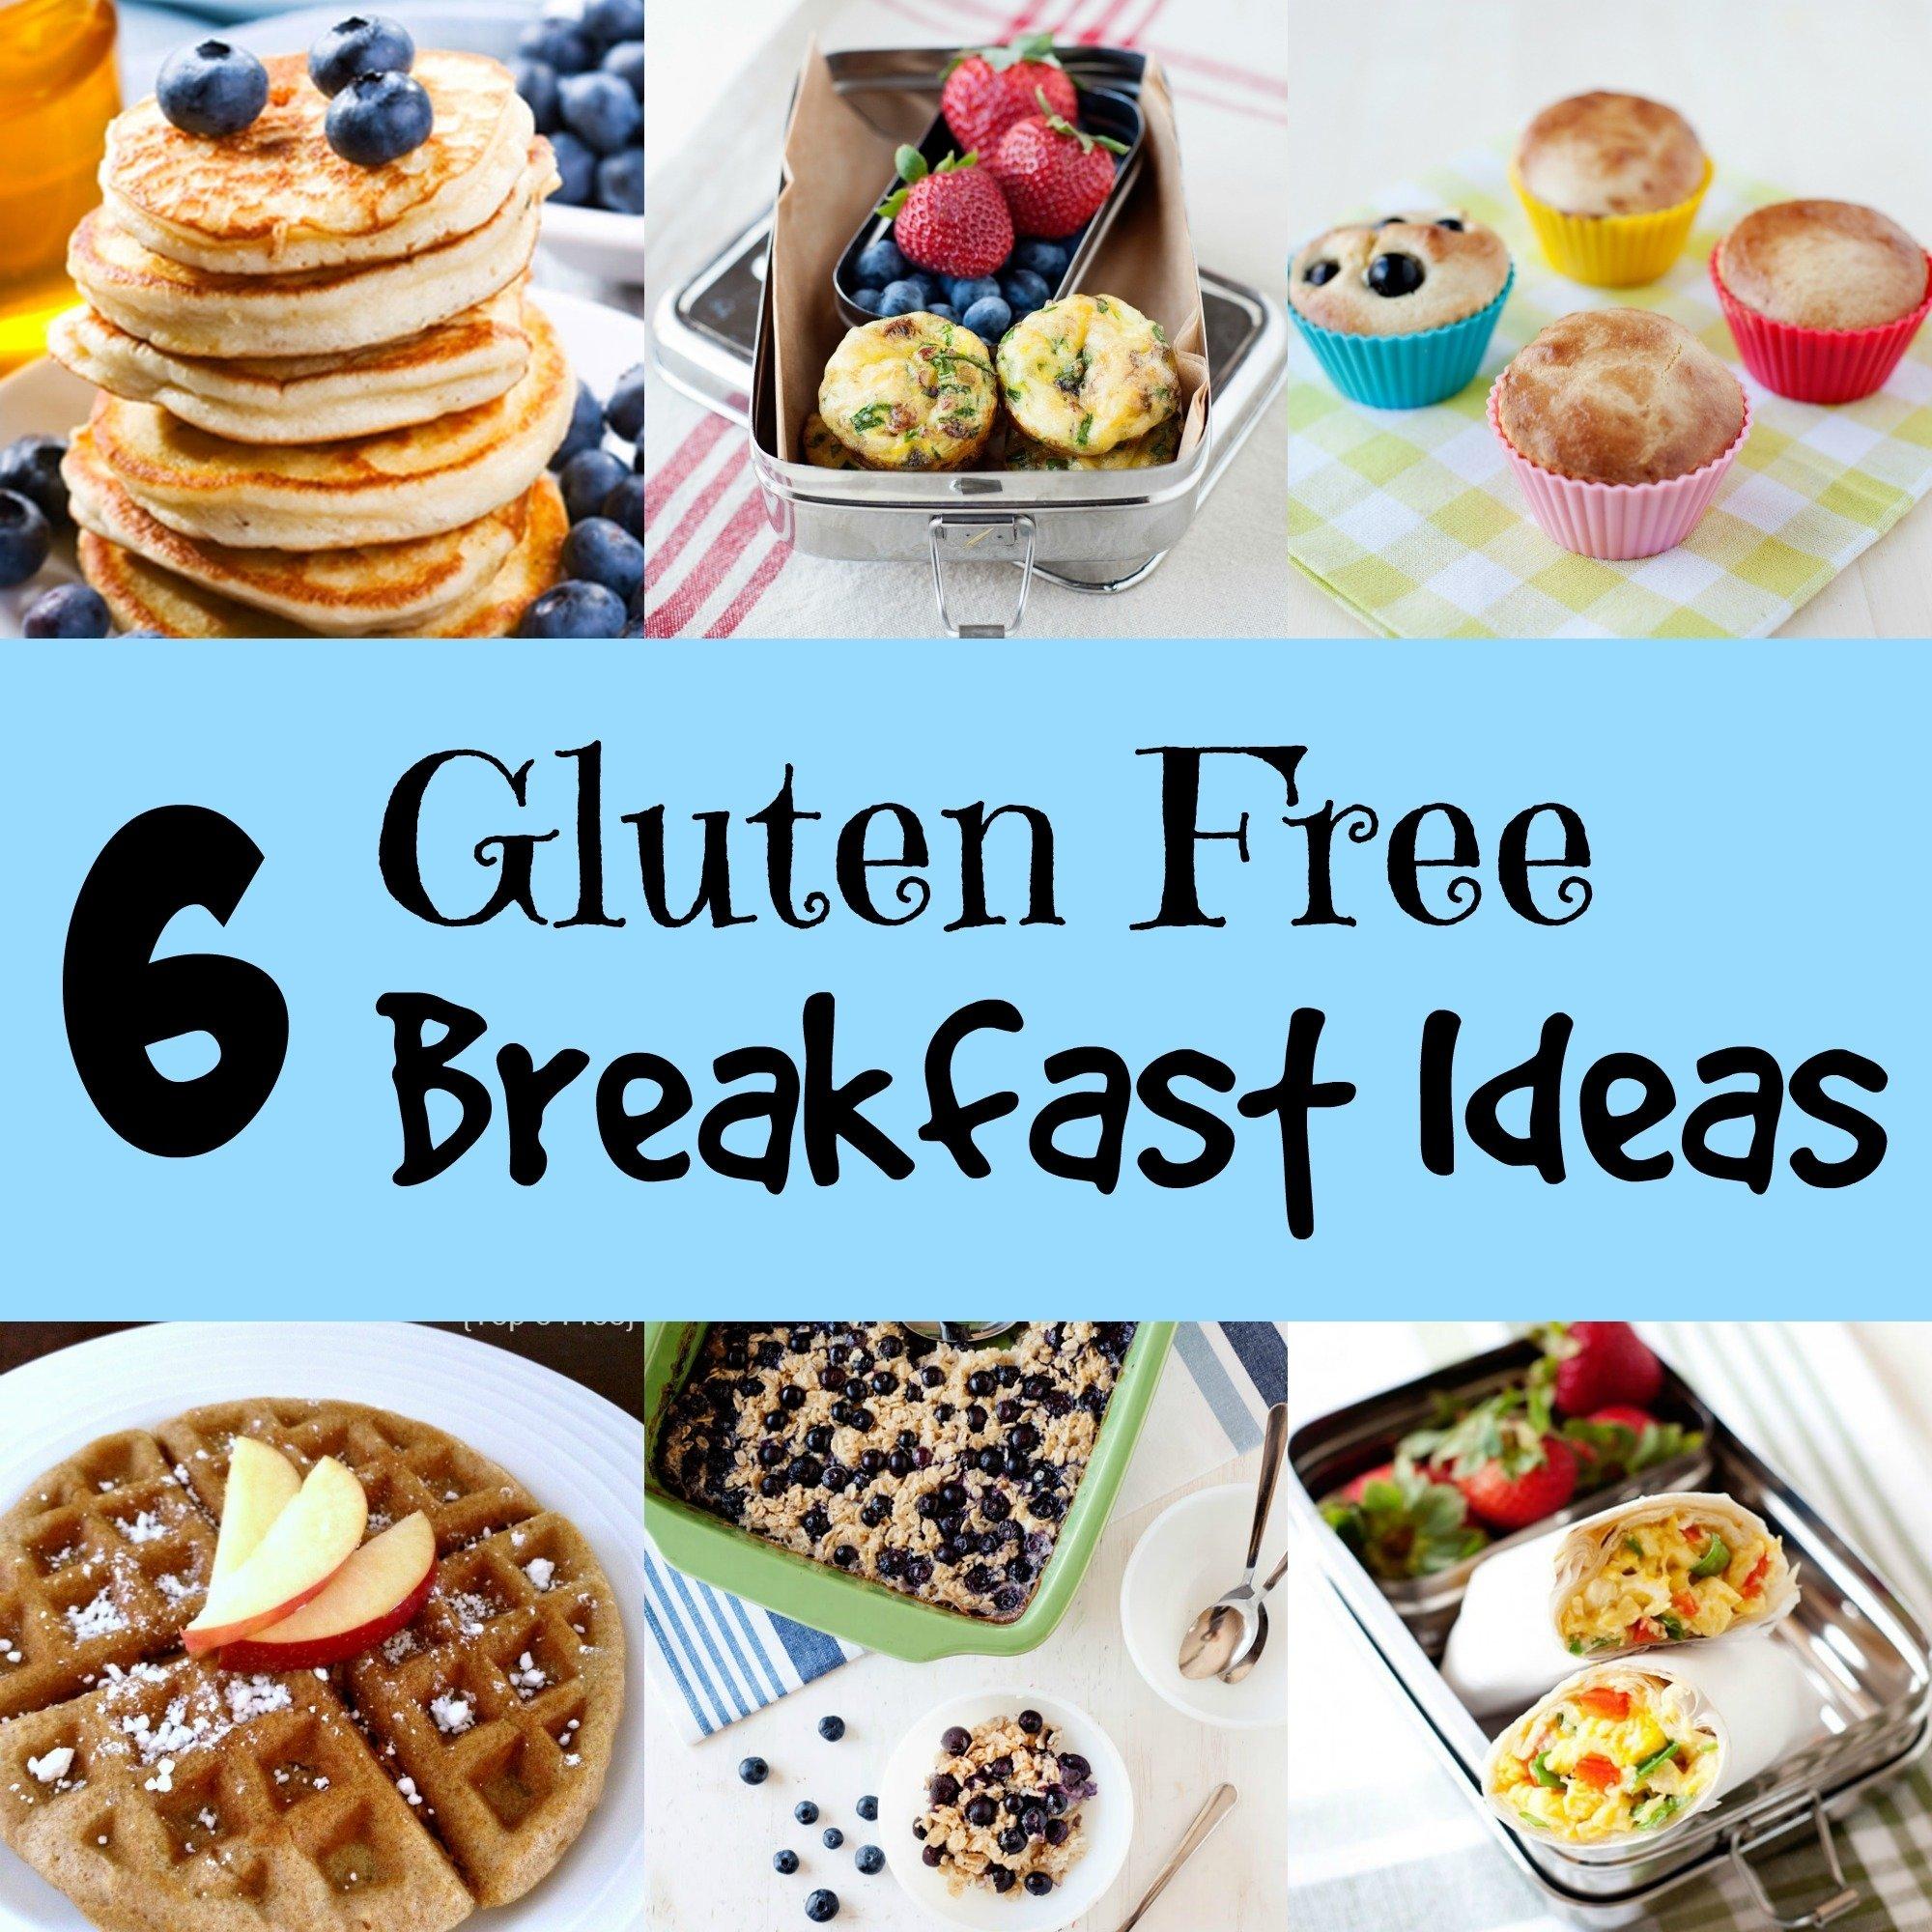 10 Great Gluten Free Breakfast Ideas For Kids 6 gluten free breakfast ideas momables 6 2021